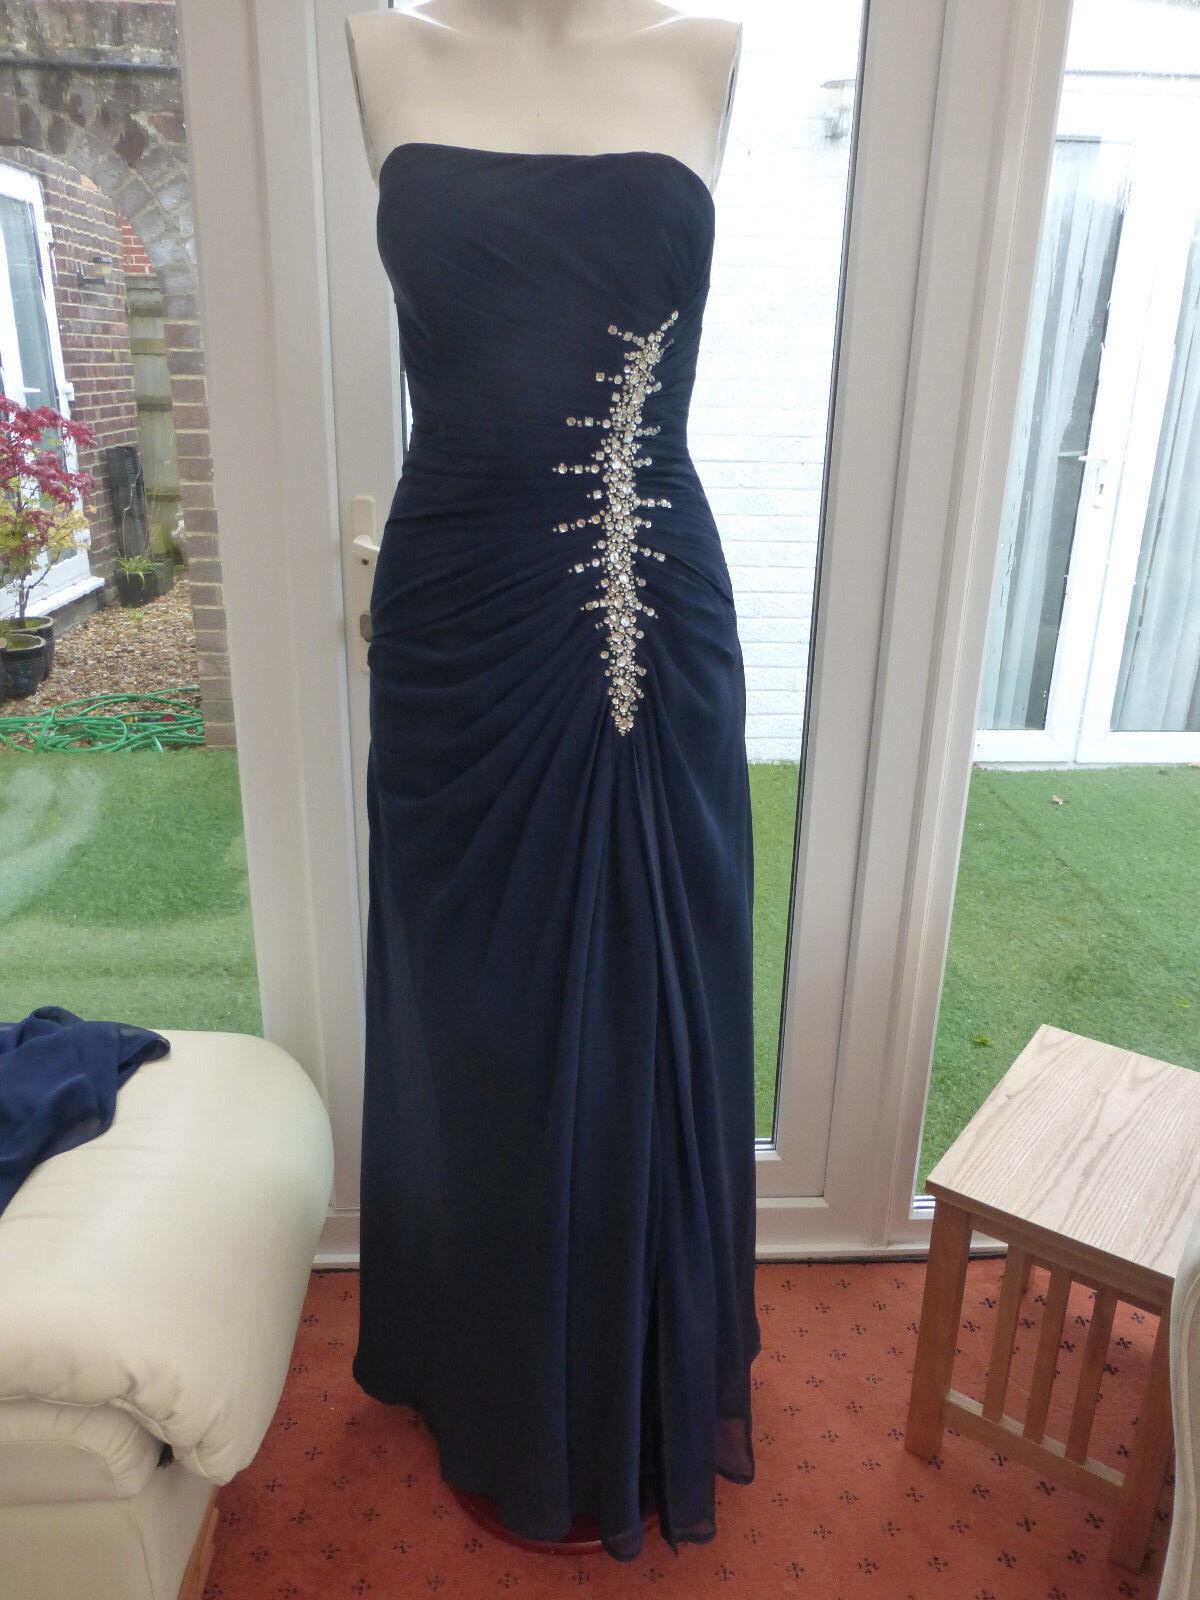 Prom Dress Ballgown Bridesmaid Navy Blau Größe 6 Excellent Condition Cost